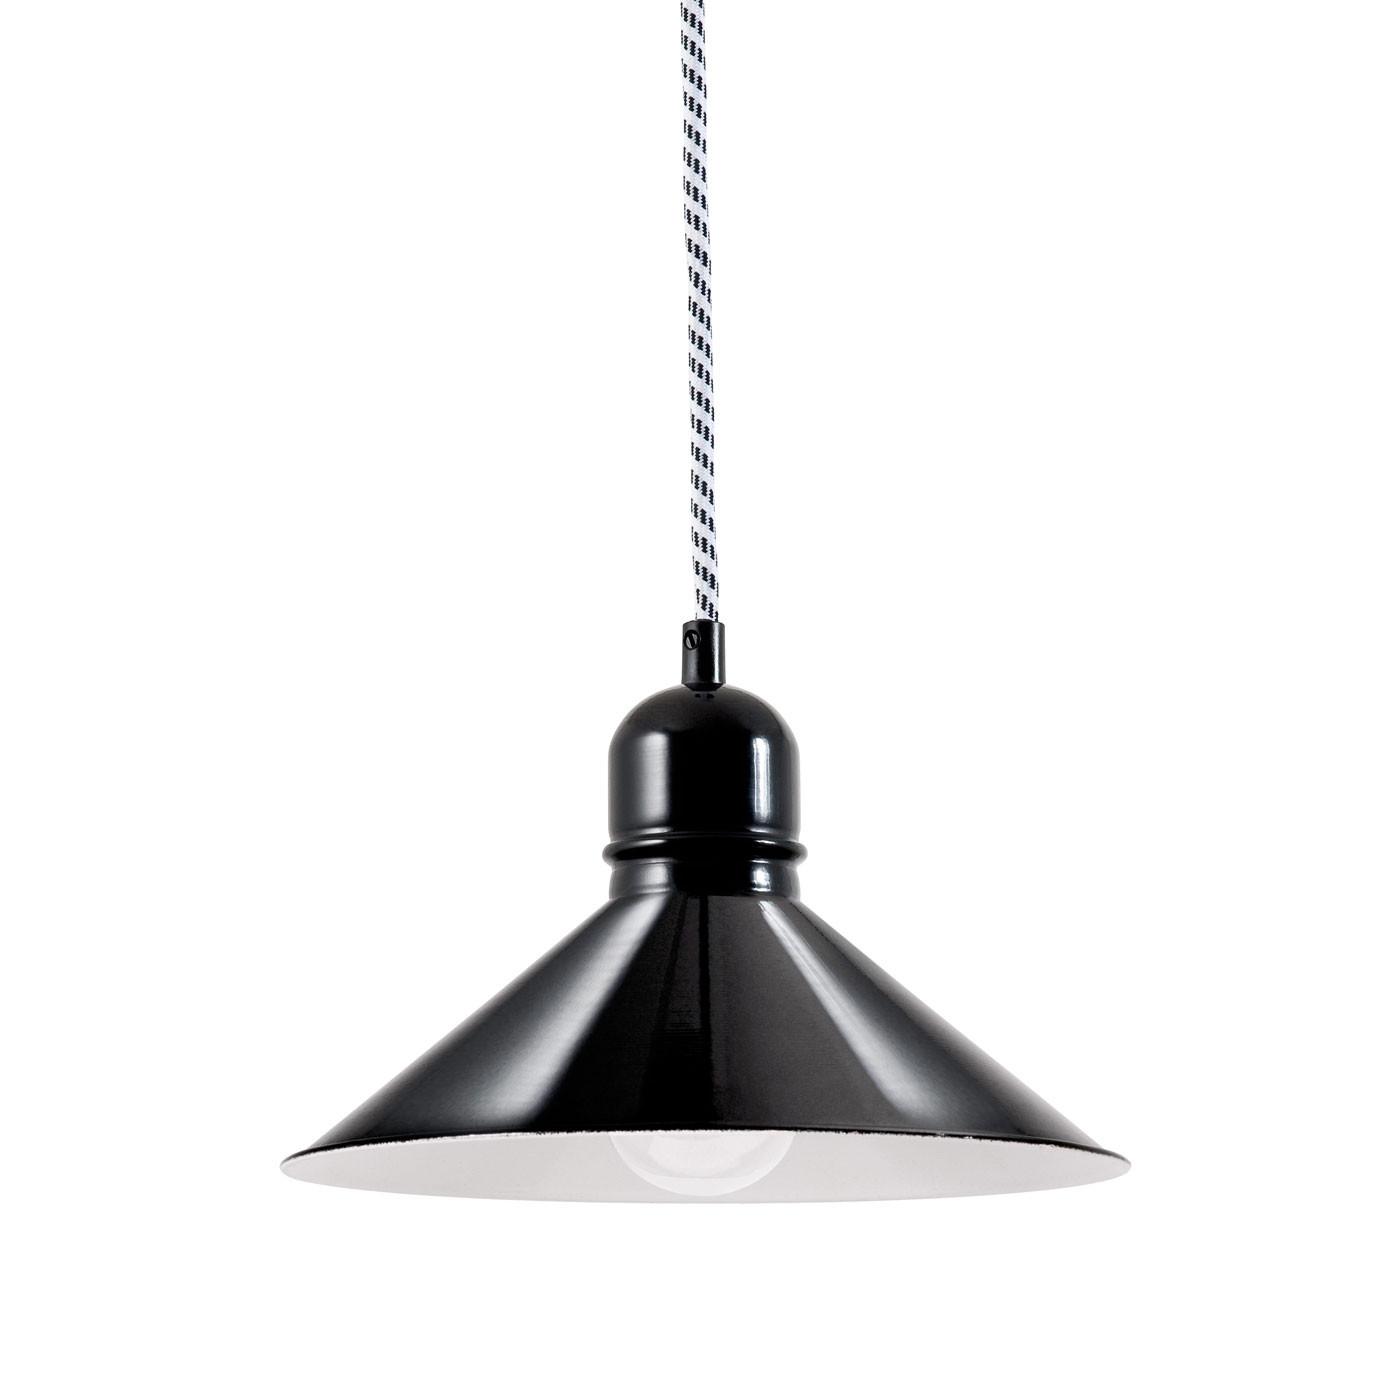 Bolich Bitburg Pendelleuchte, 24 cm, Kabel-Aufhängung, Textilkabel schwarz-weiß